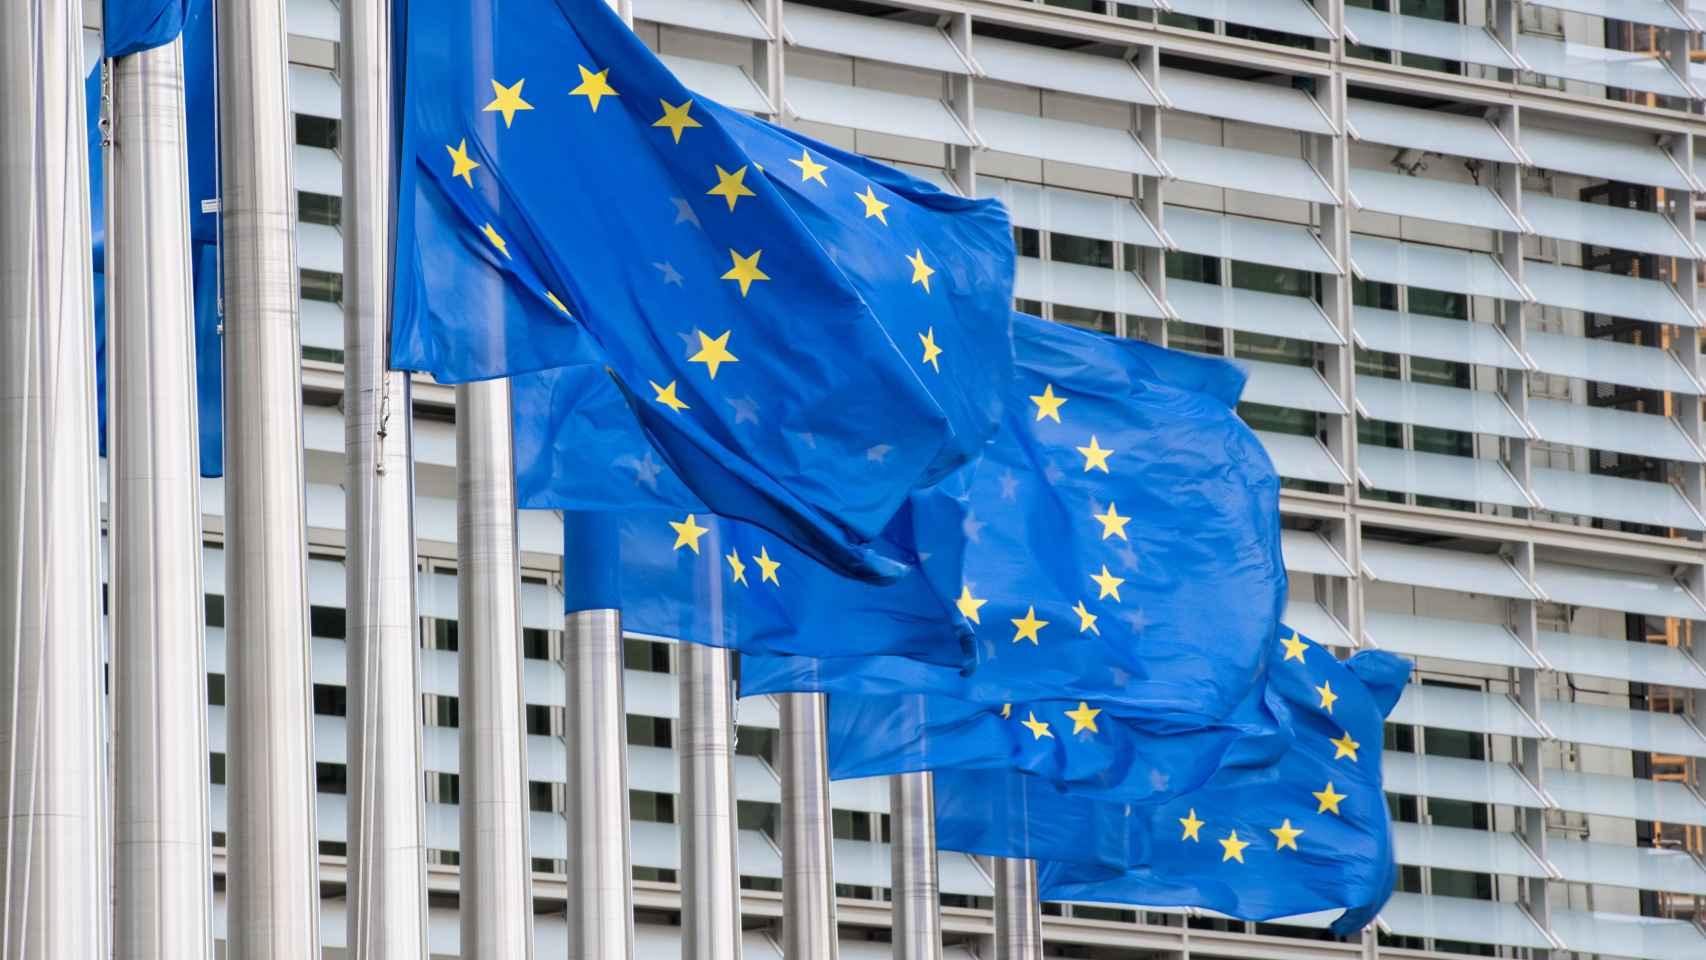 Bruselas expedienta a España por la morosidad de comunidades autónomas y ayuntamientos